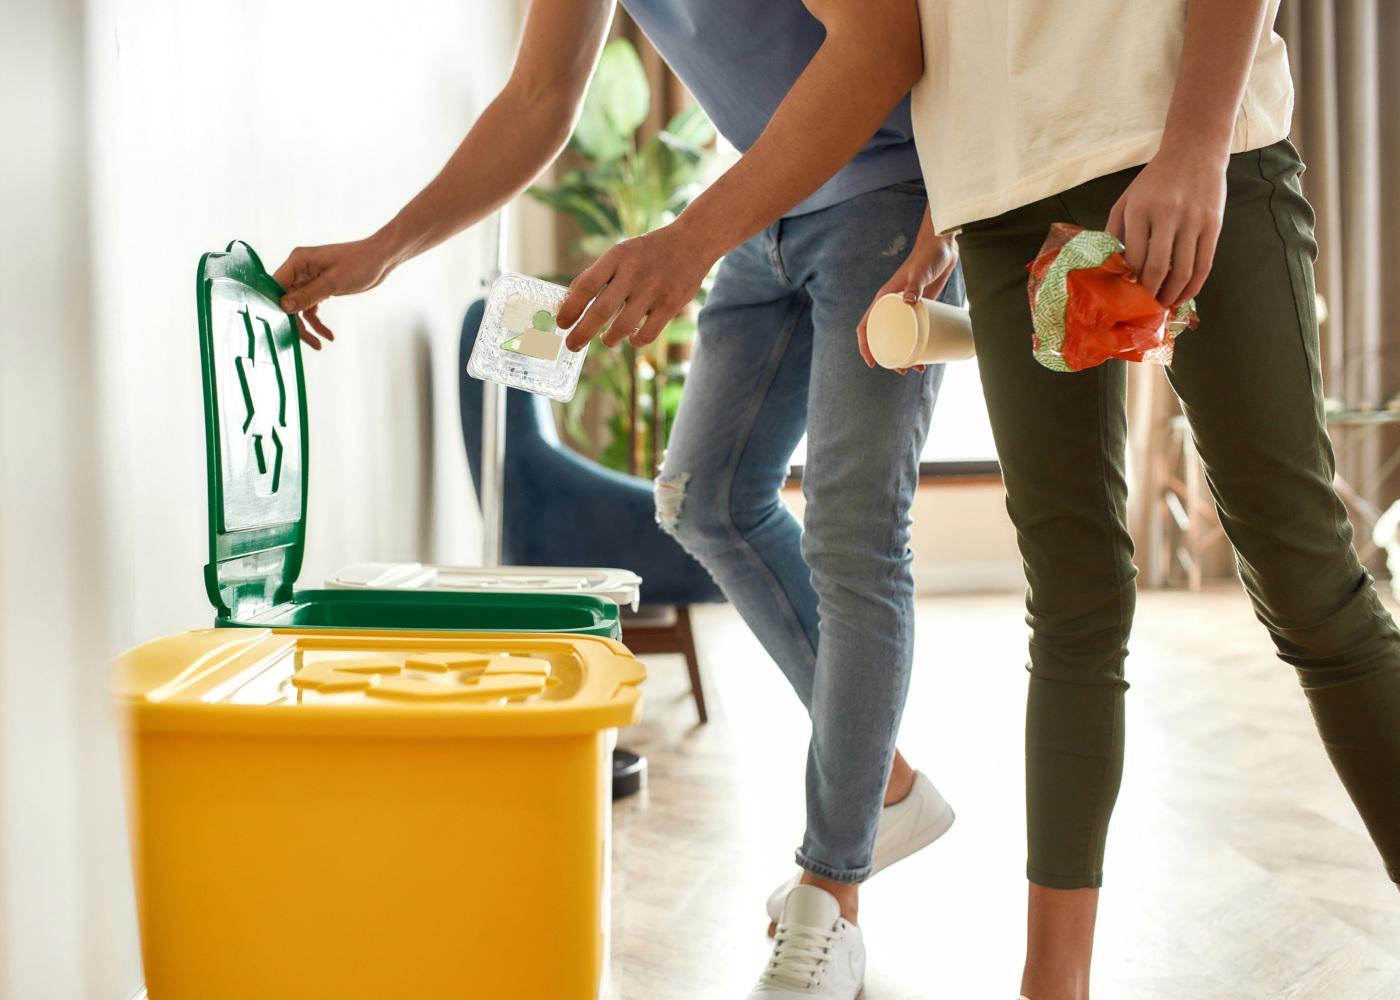 colocar objetos na reciclagem